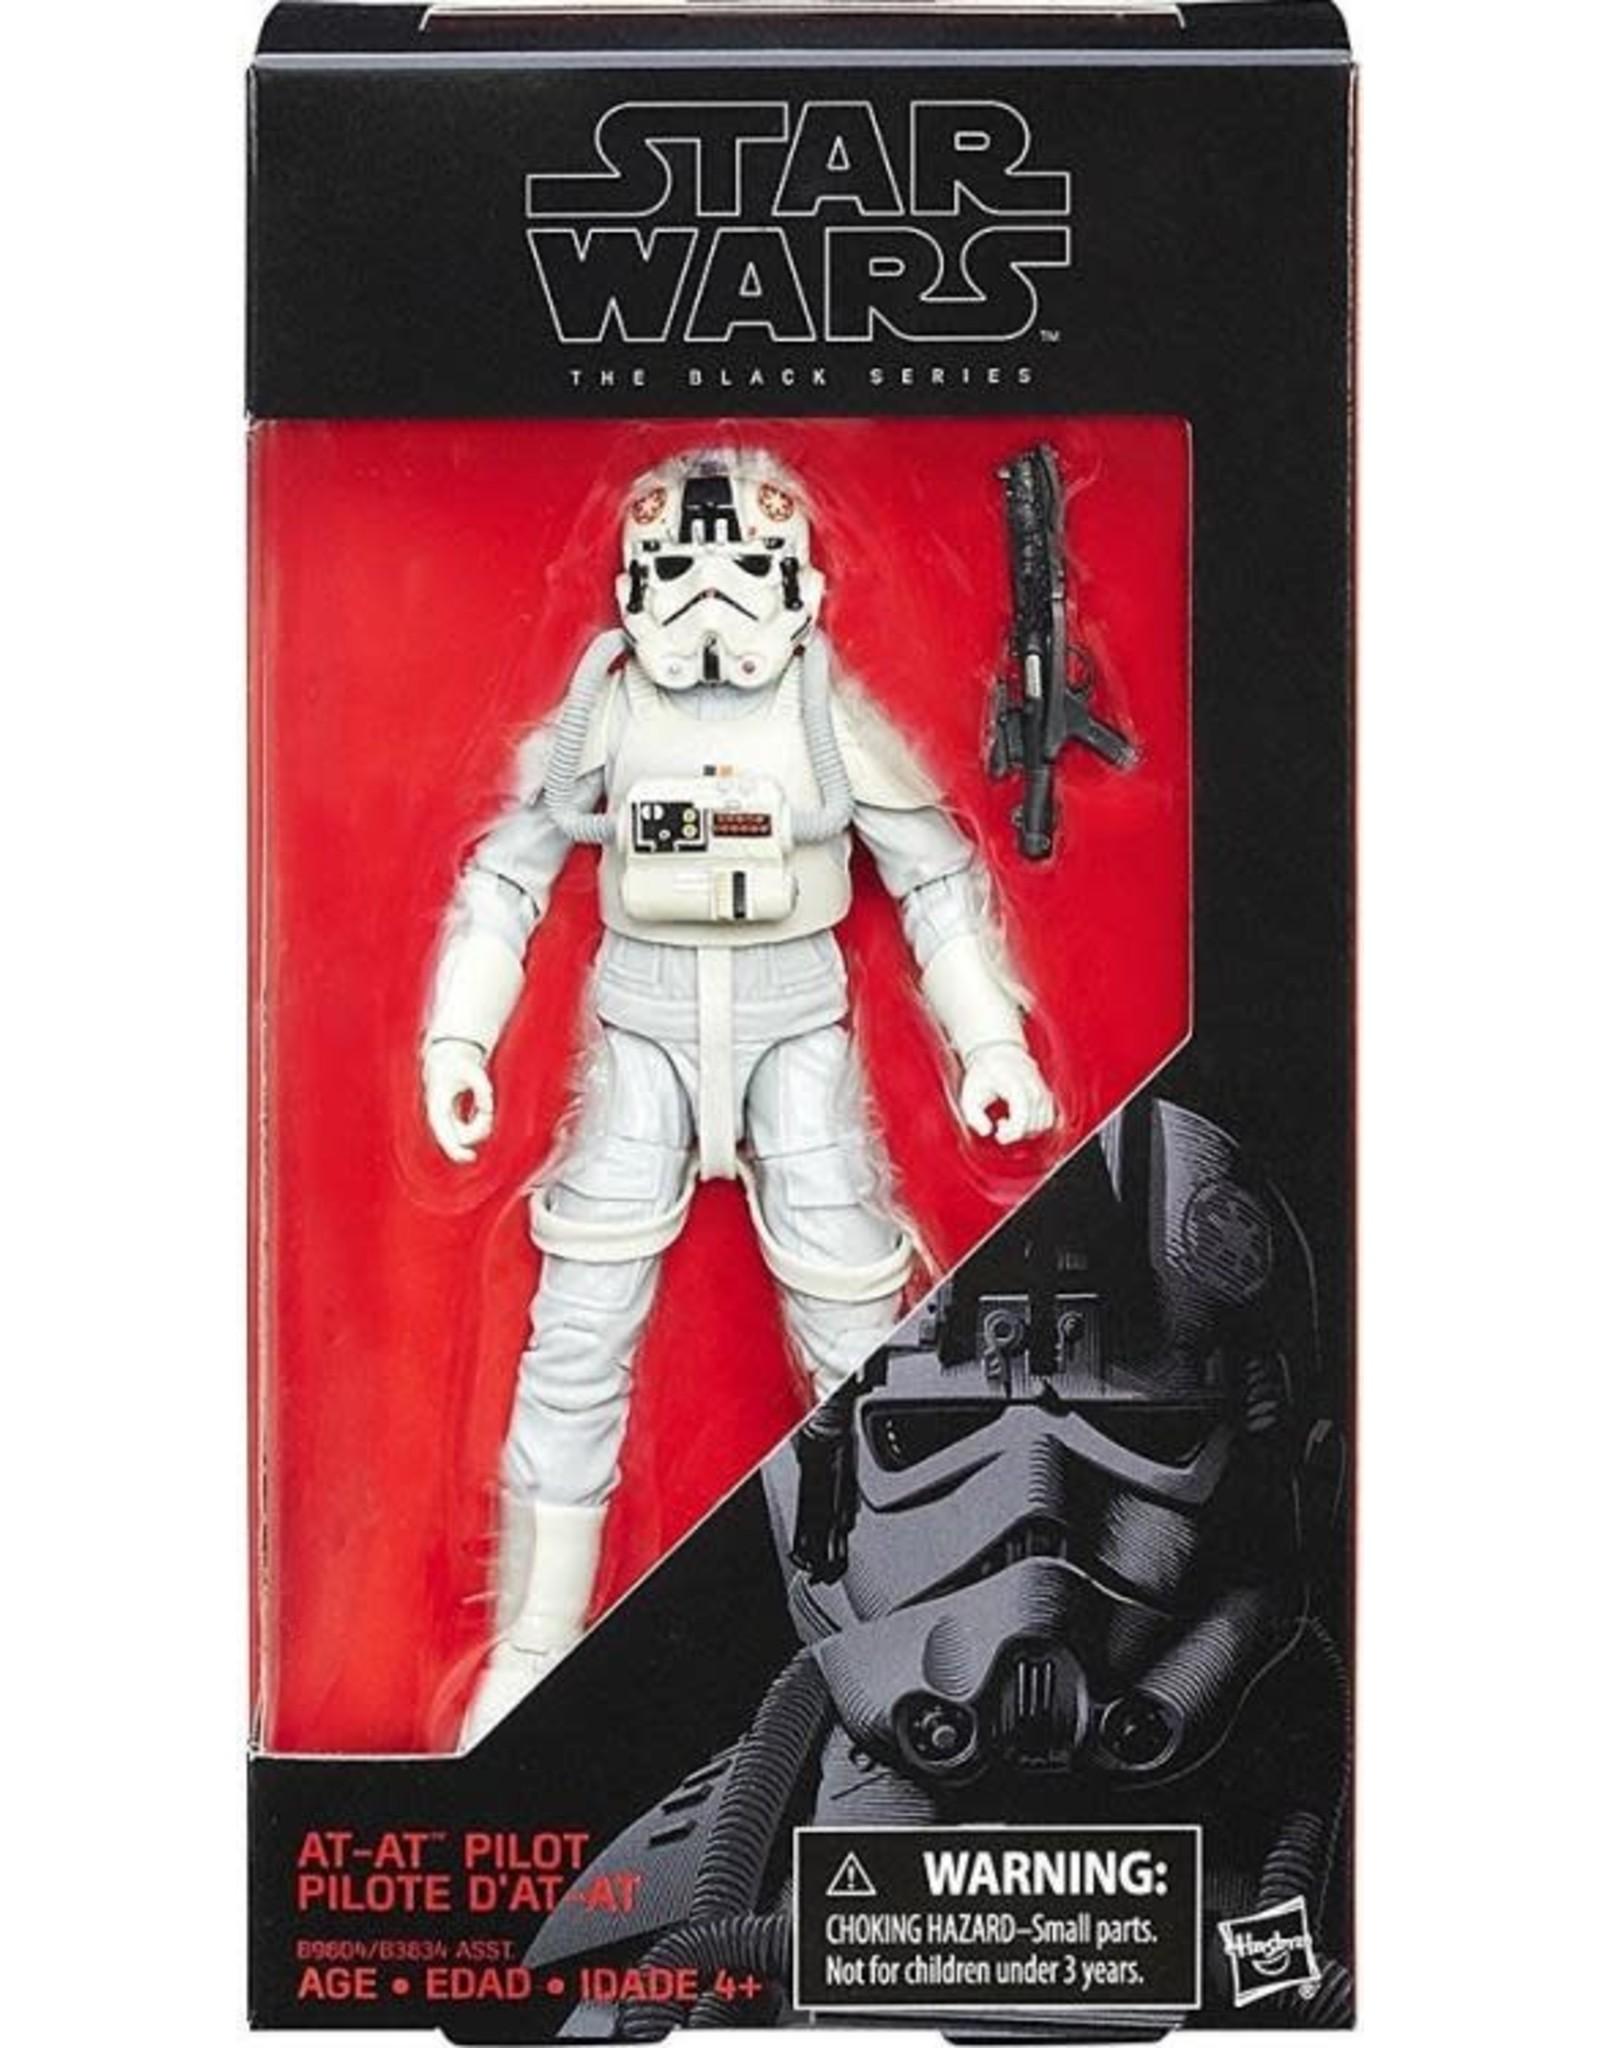 Hasbro Star Wars: The Black Series 6-inch AT-AT Driver (Empire Strikes Back)